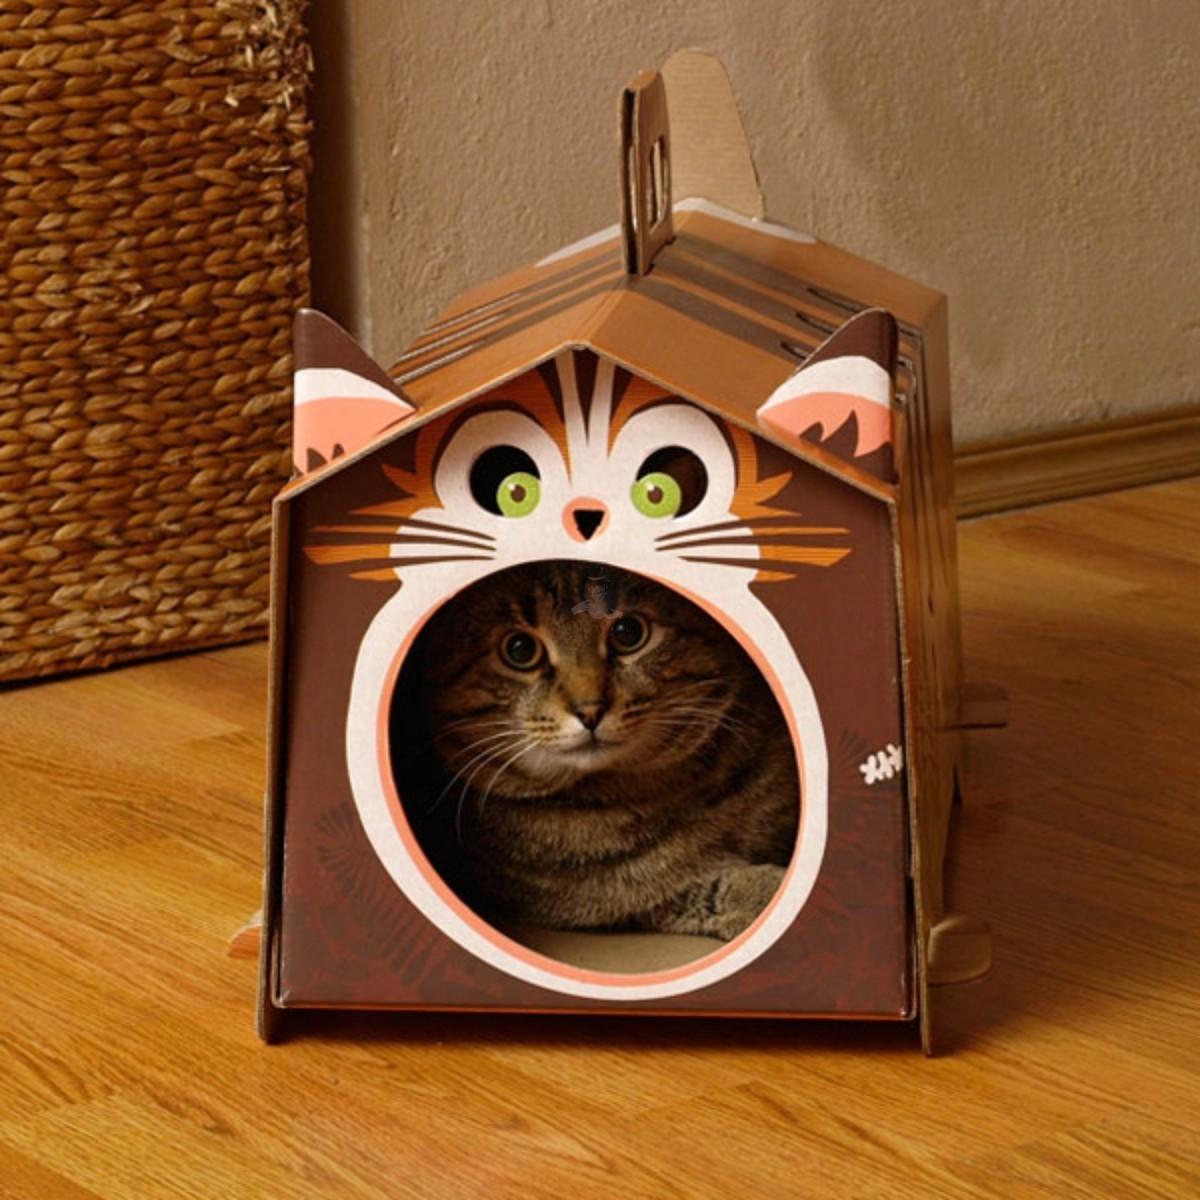 Katzenhaus Aus Pappe Selber Bauen Katzen Balkon Selber Bauen Good